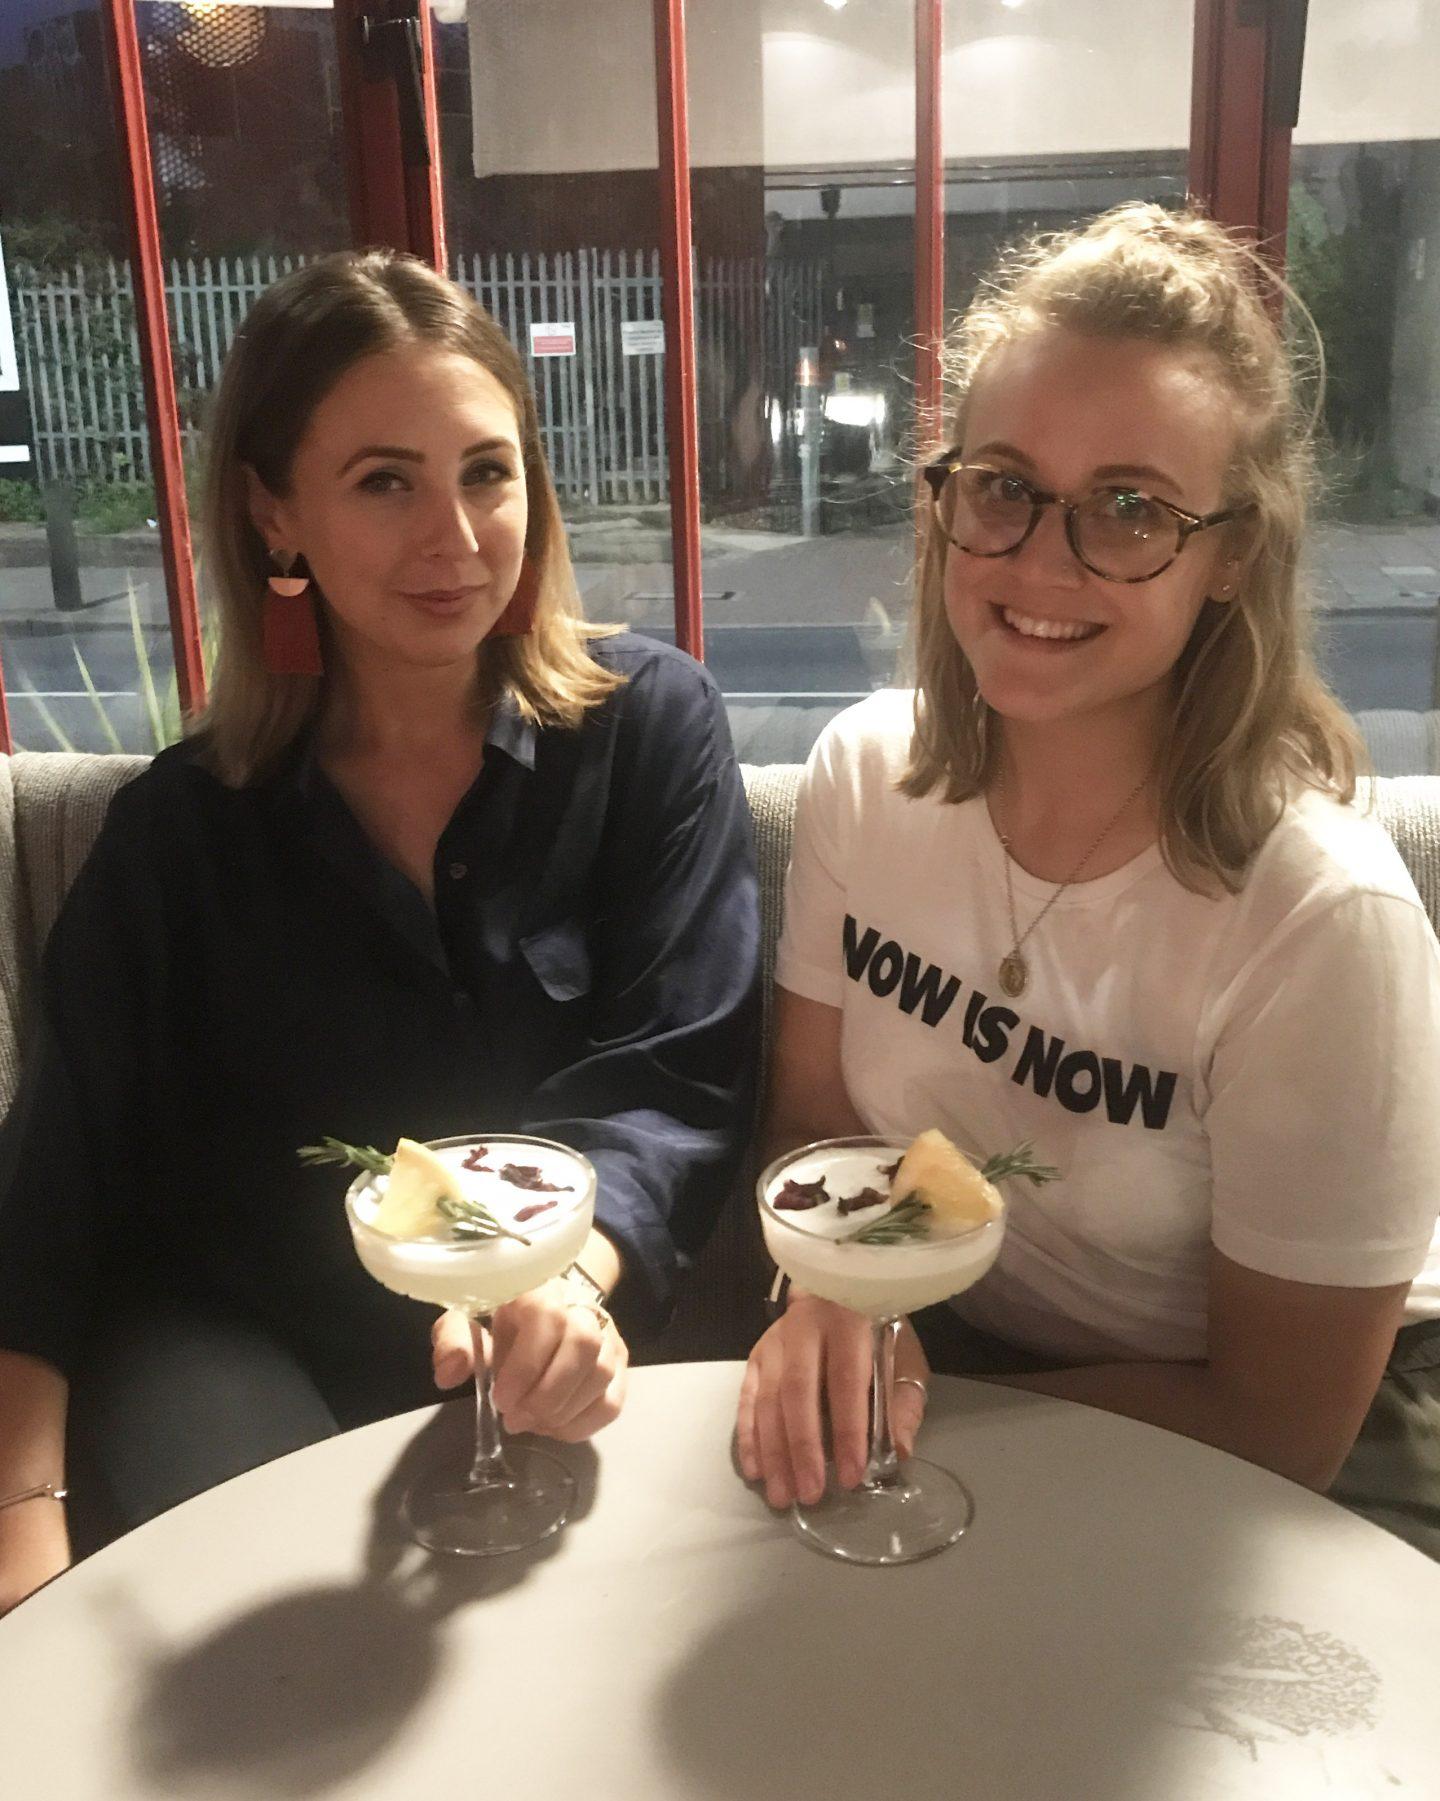 Lauren & I with cocktails